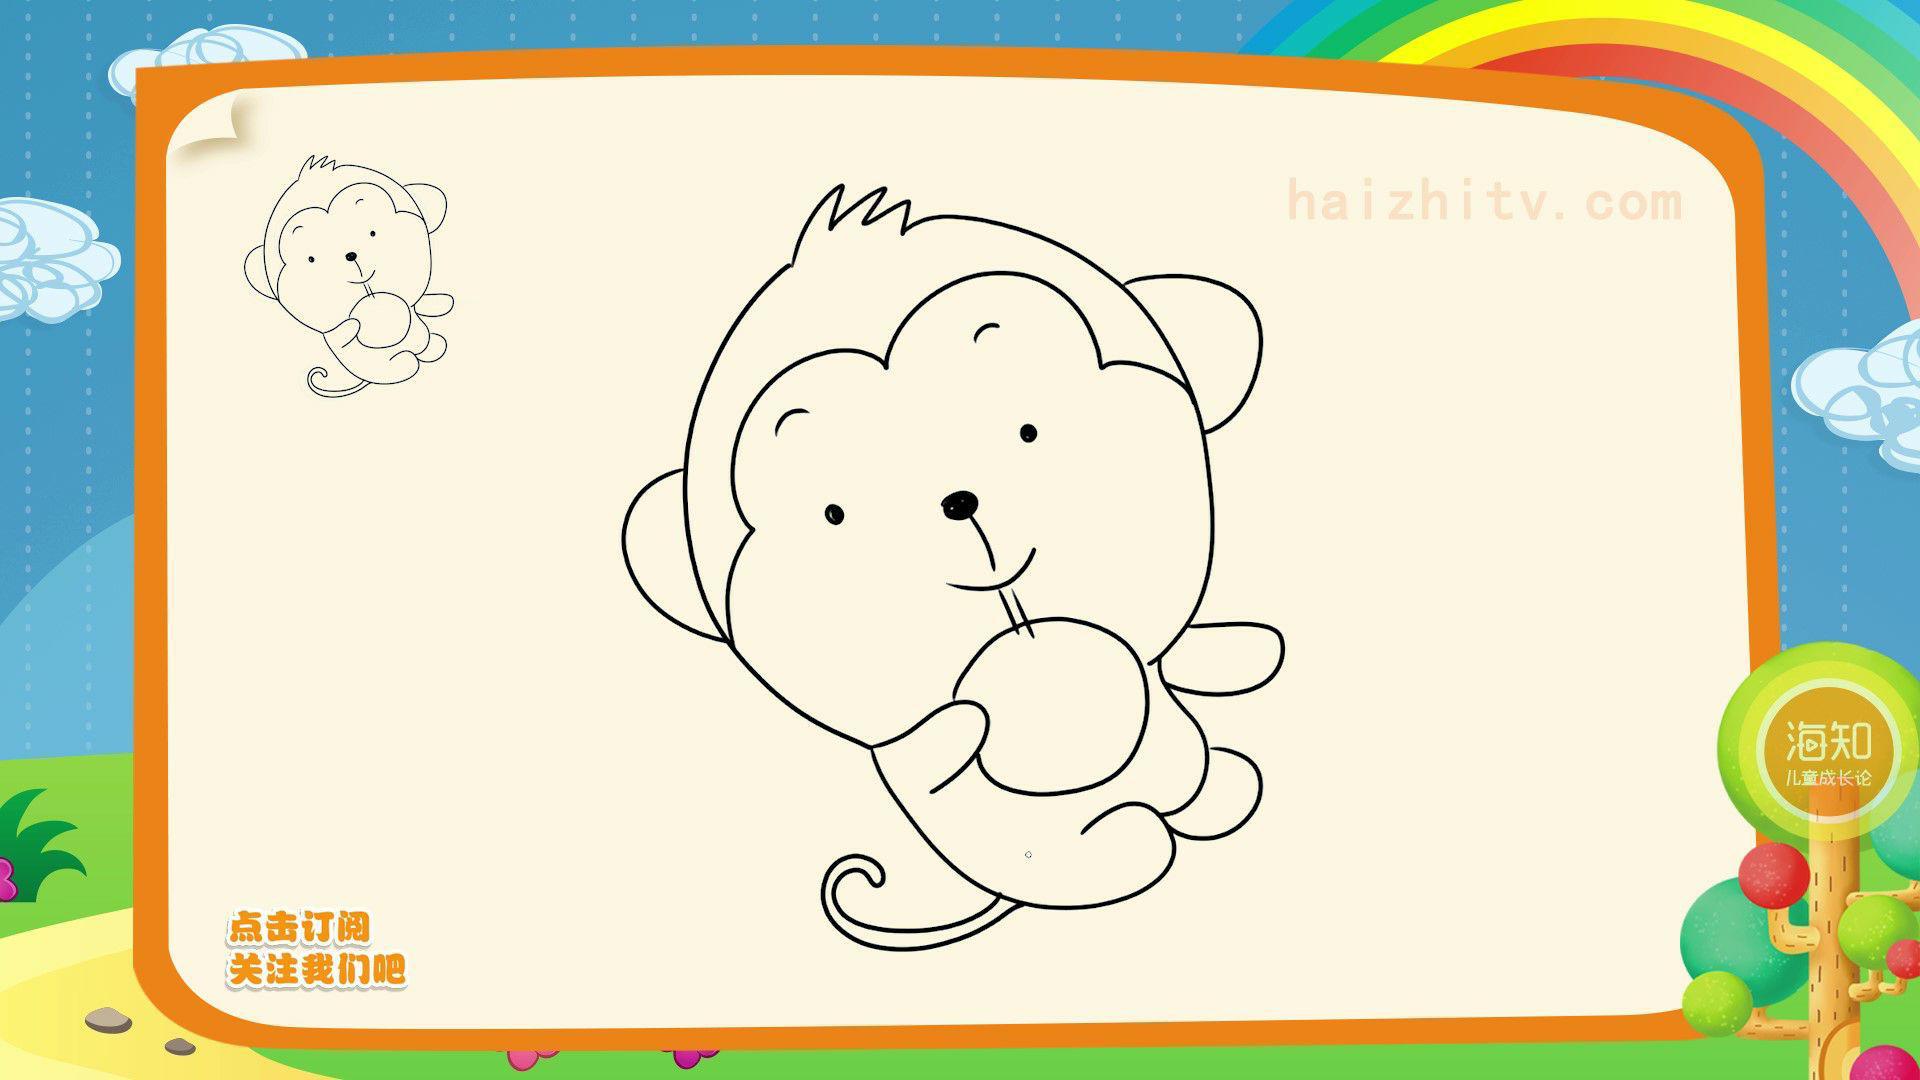 动物简笔画教程,如何画Q版猴子,海知简笔画大全